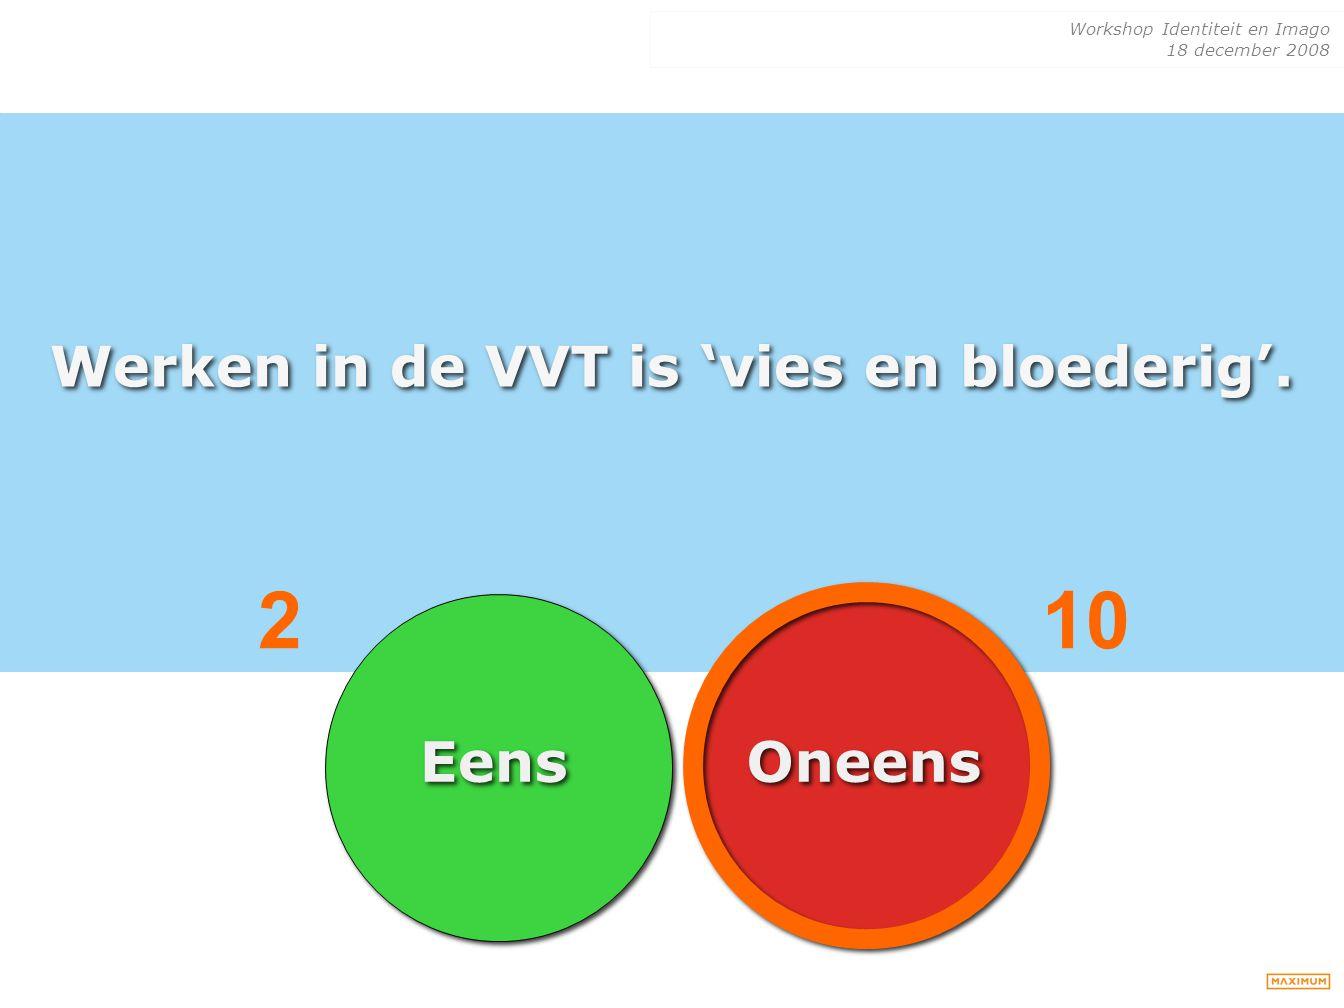 Werken in de VVT is 'vies en bloederig'.